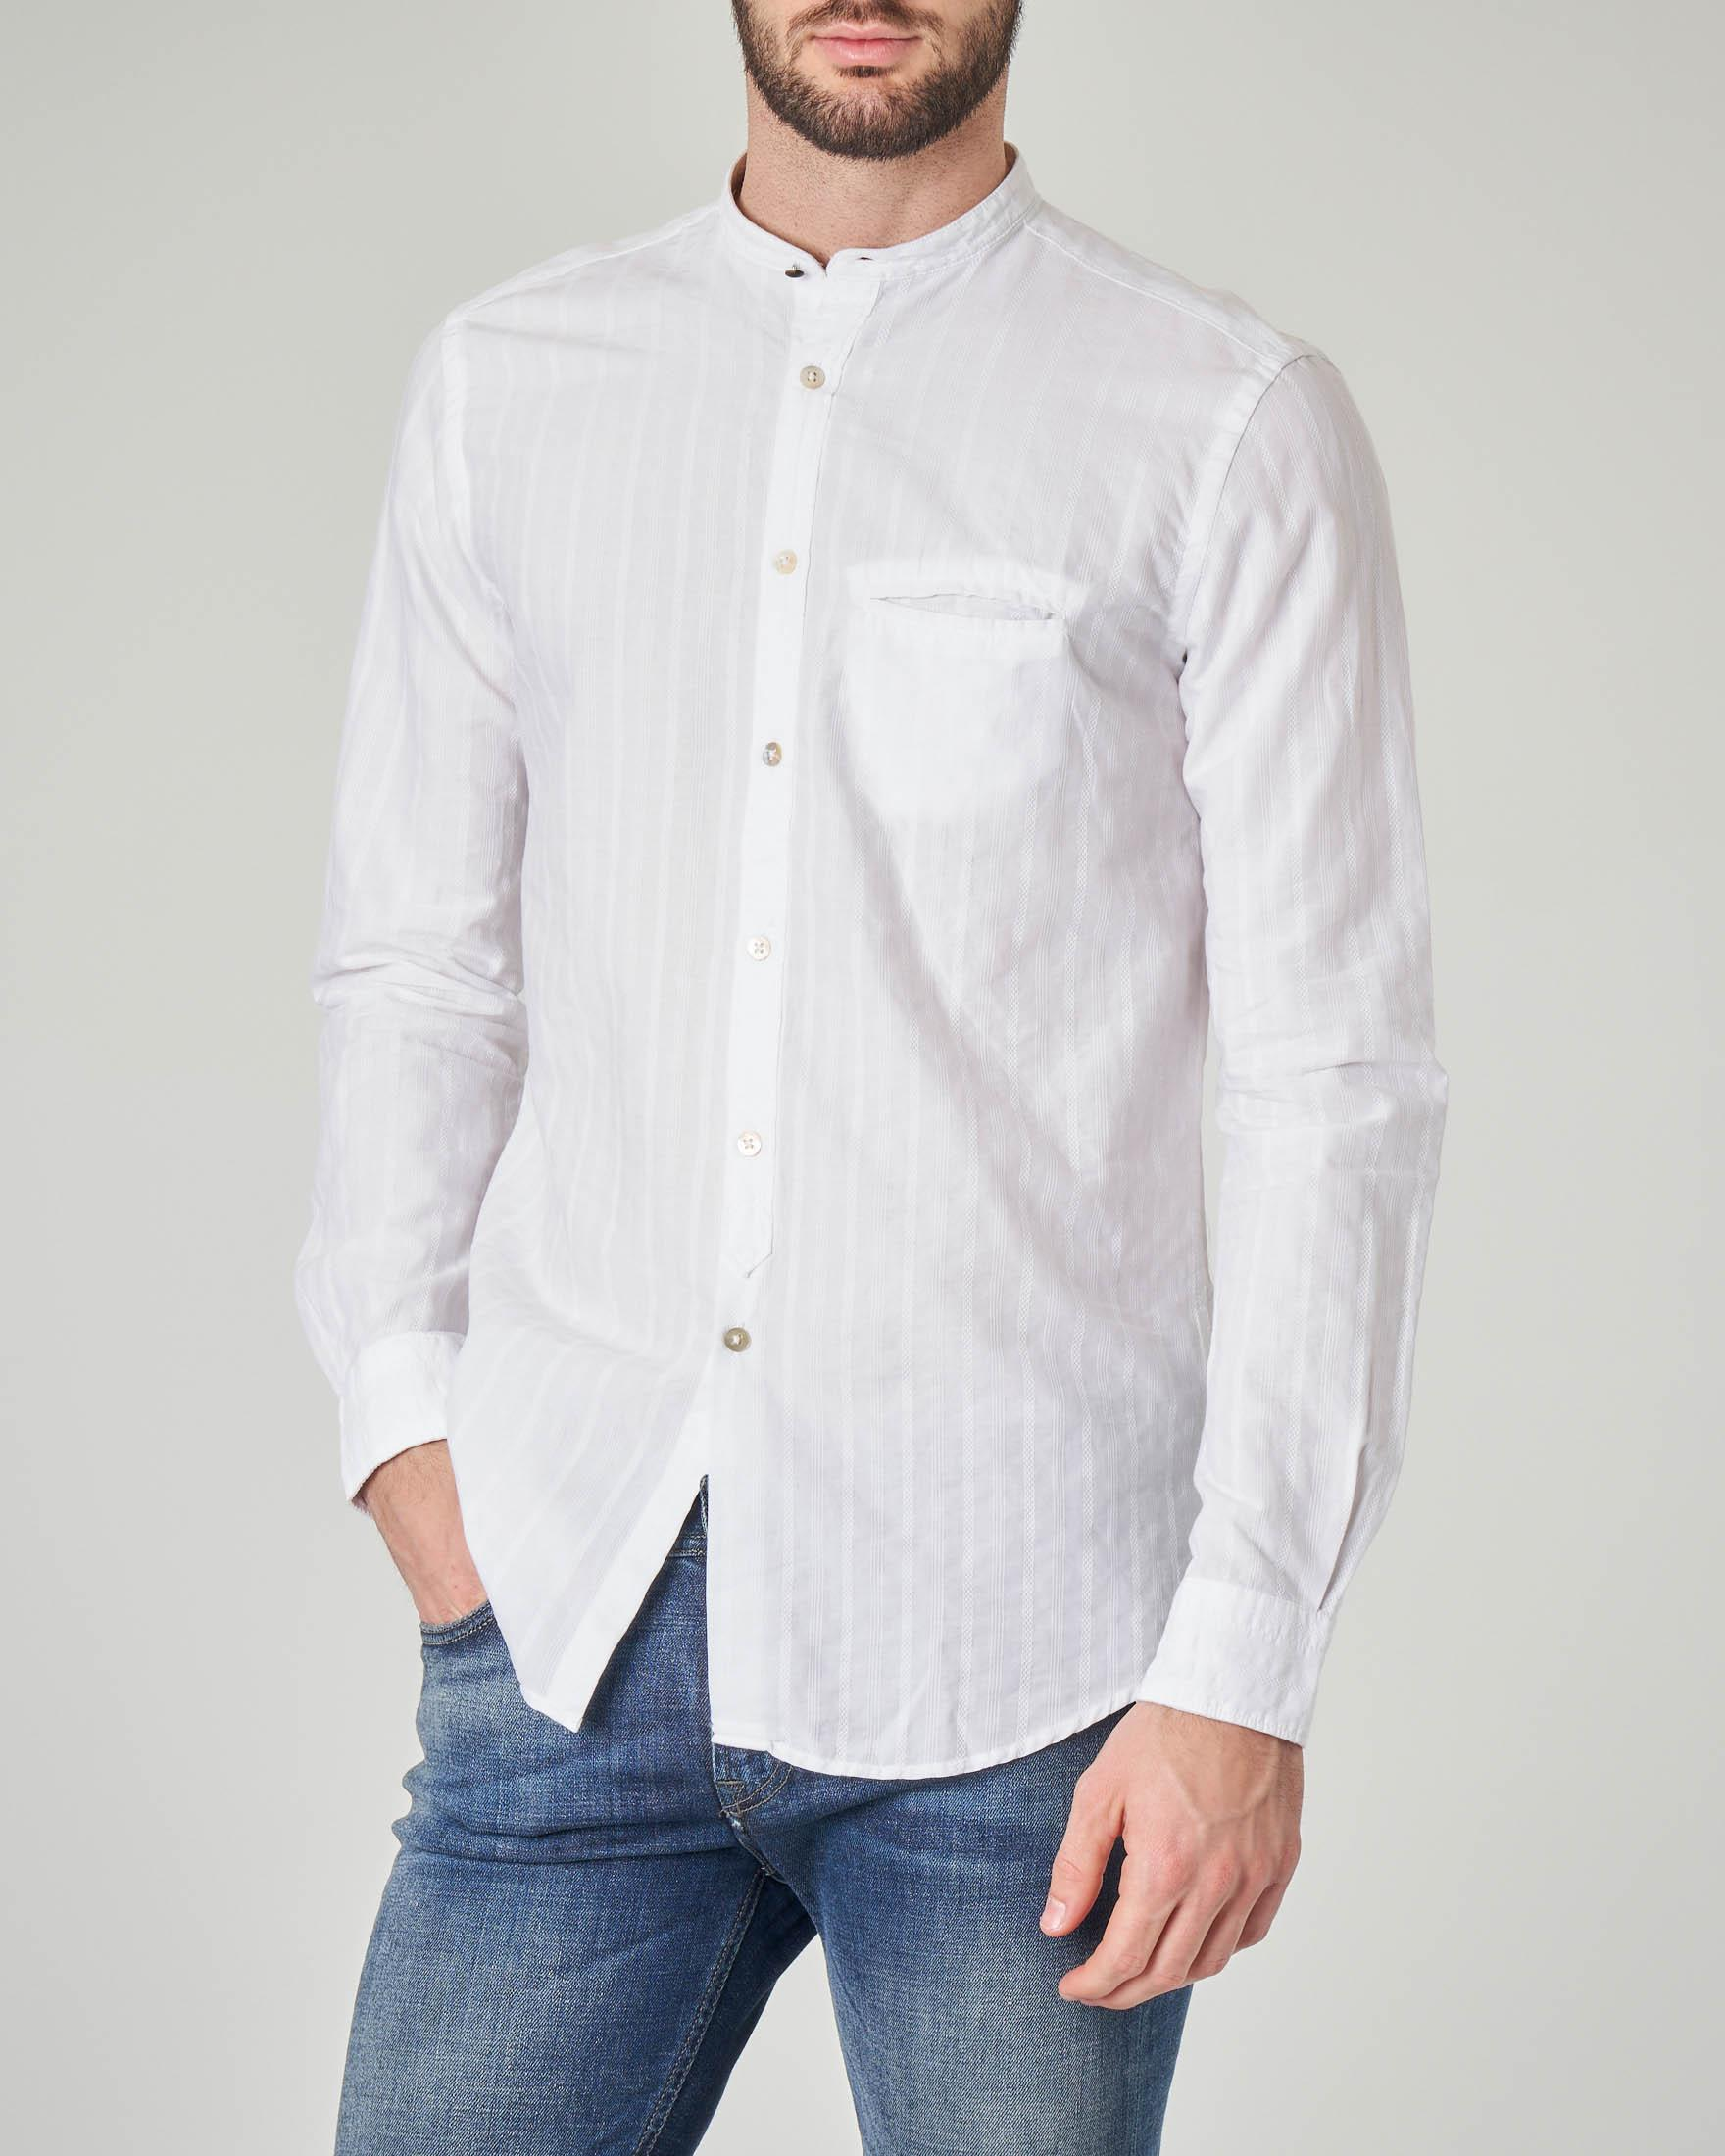 Camicia bianca coreana con taschino